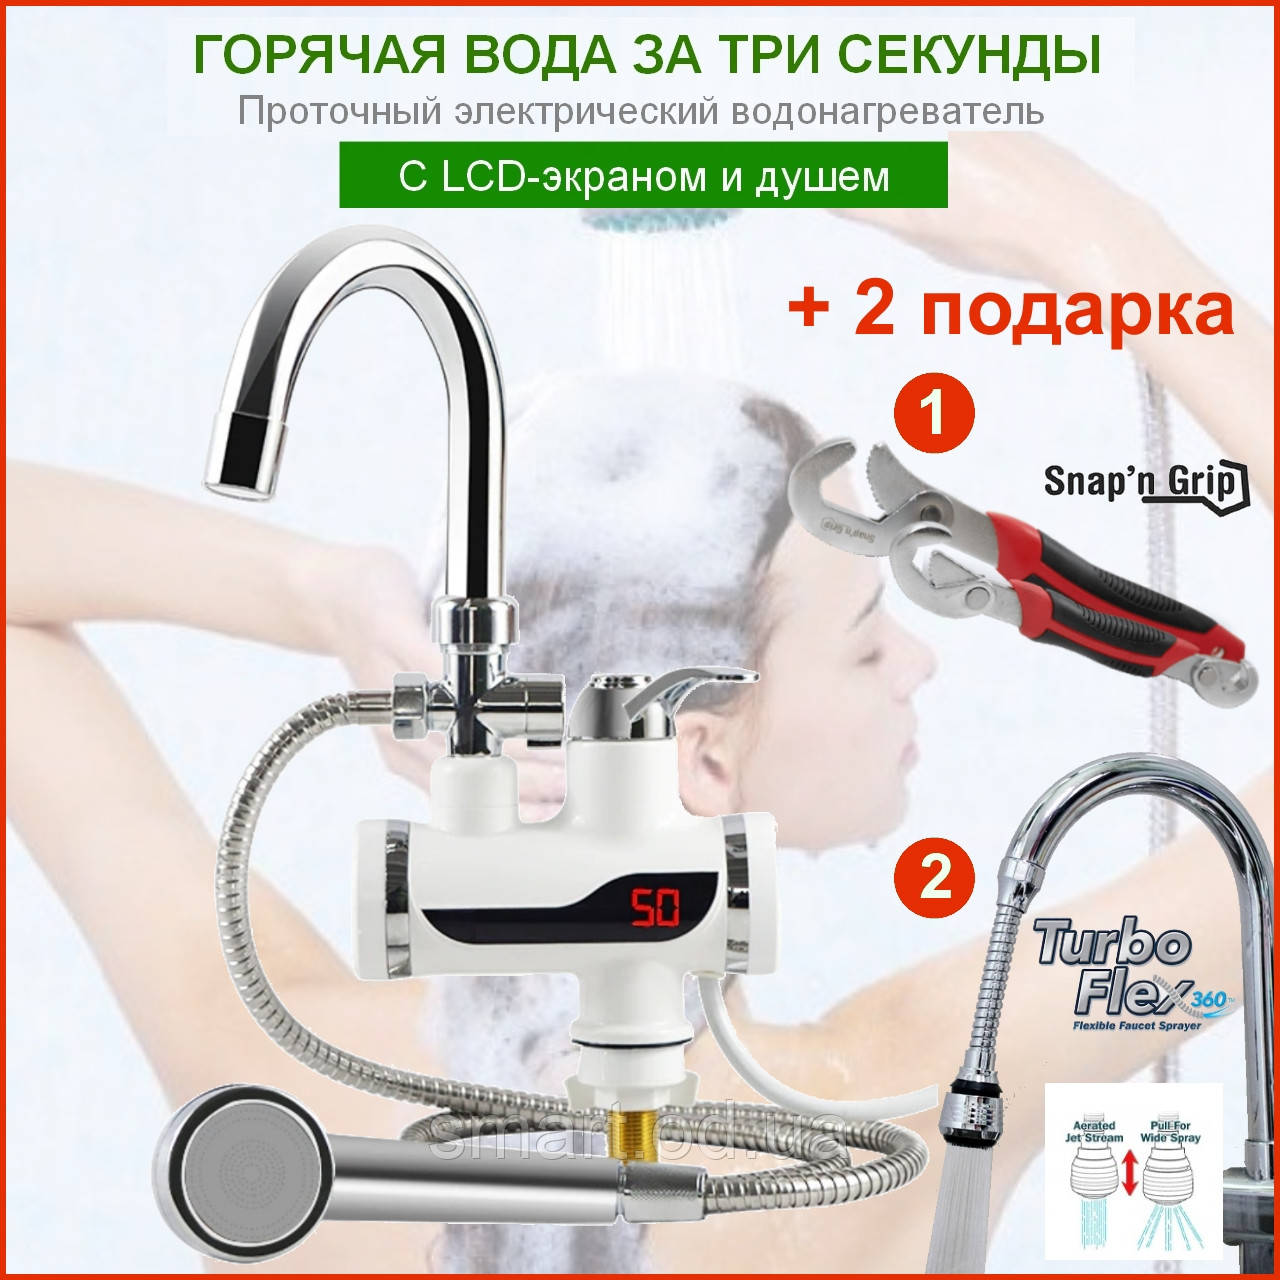 Проточный водонагреватель Delimano, экран, душ, нижнее, боковое подключение, бойлер в стиле Делимано